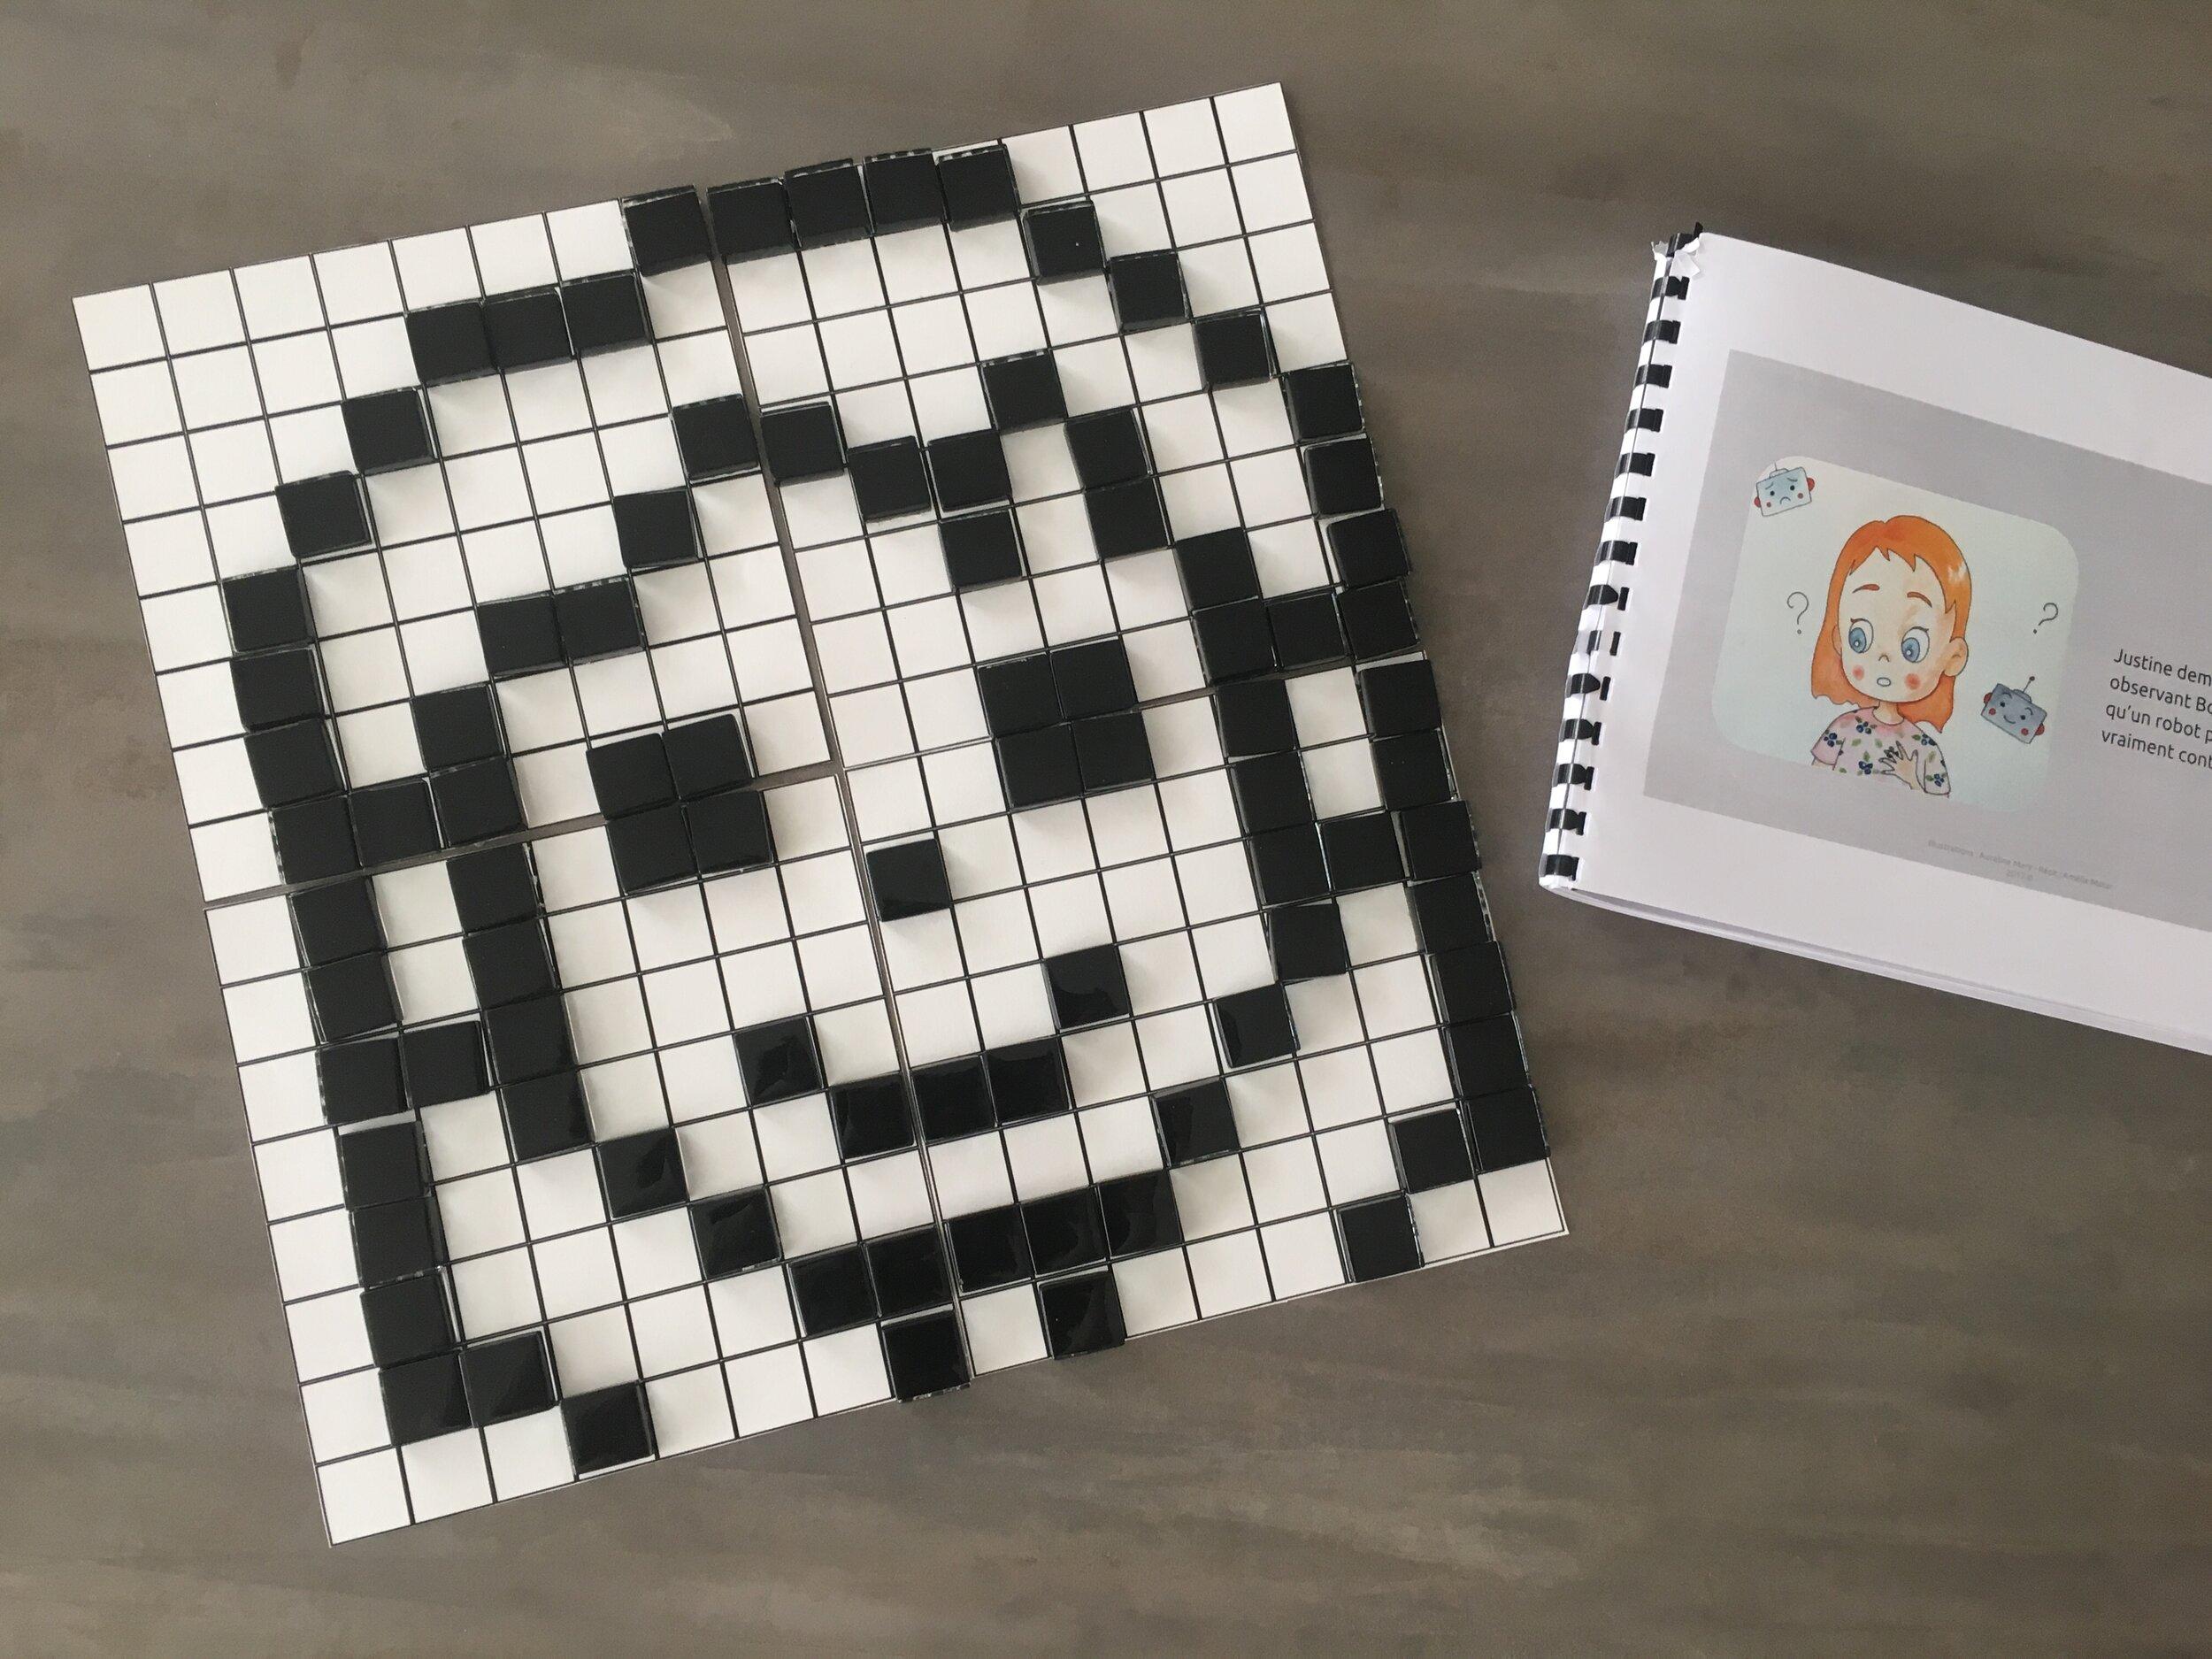 Une fois le langage binaire maîtriser, les enfants seront à même de créer leurs propres images façon pixels.